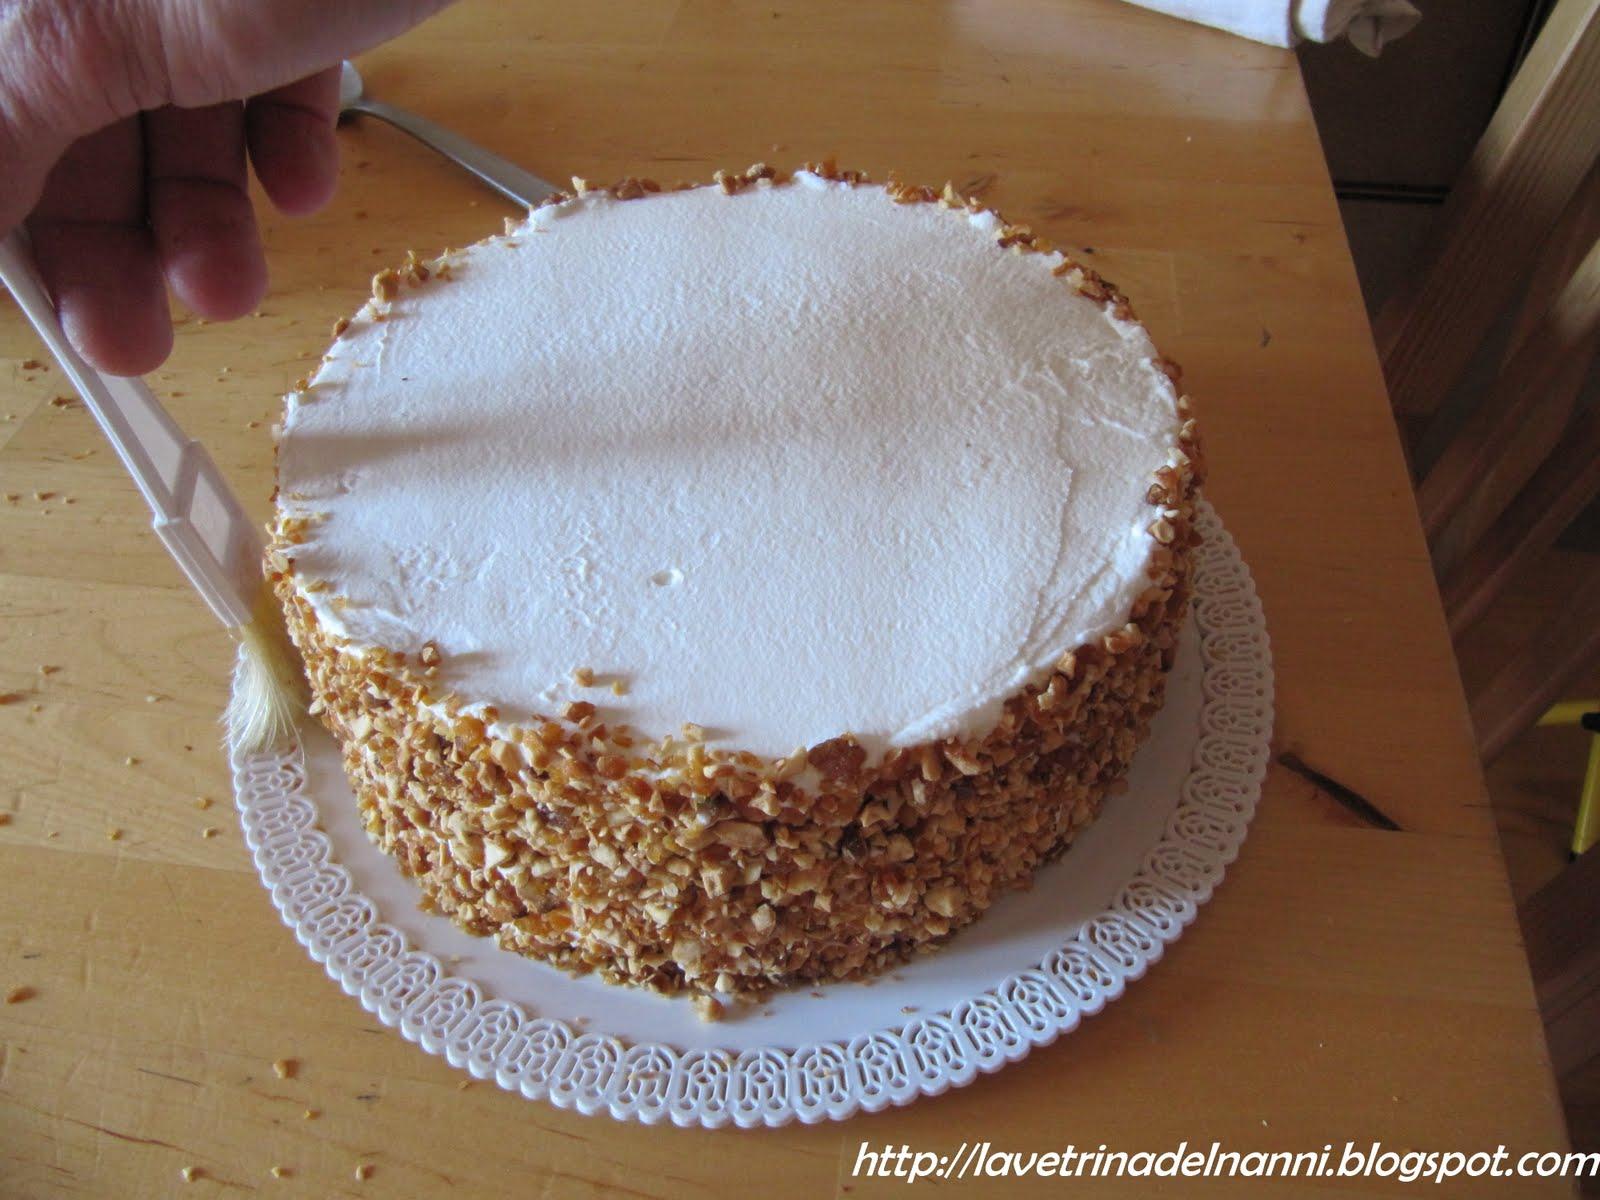 La vetrina del nanni torta di capodanno for Decorazioni di cioccolato per torte